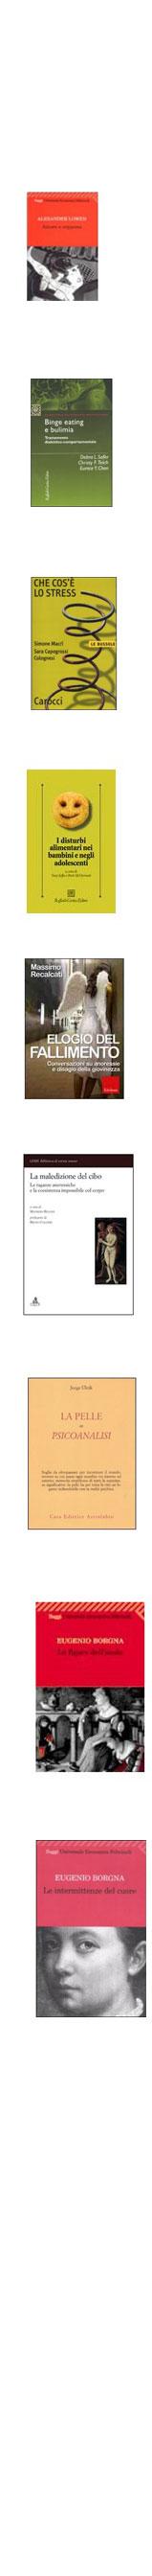 libri1b2 - Libri consigliati